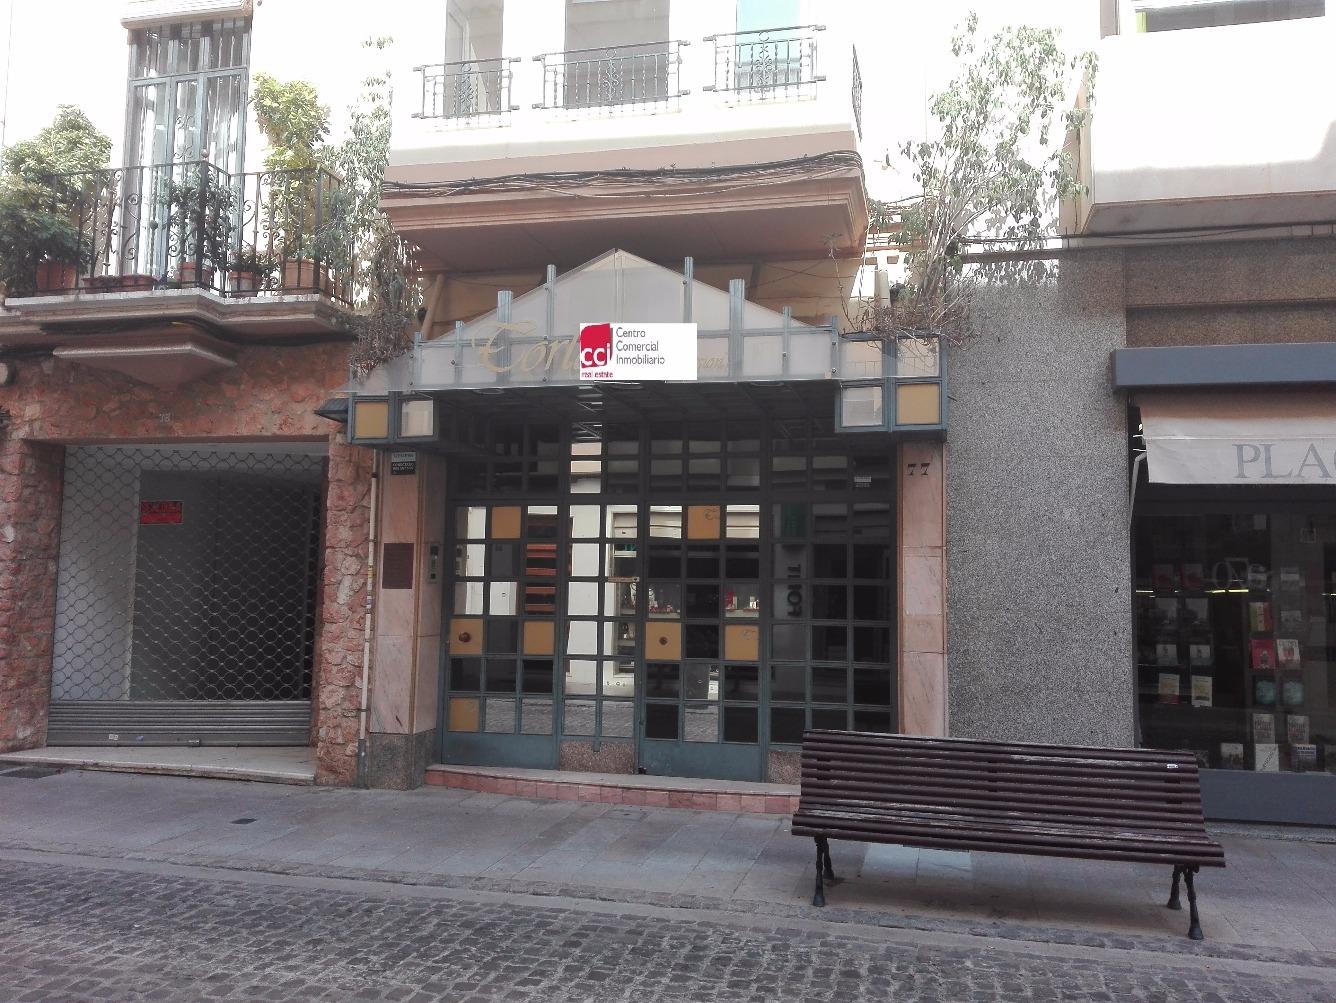 Local - 1ª línea comercial en Calle ALLOZA